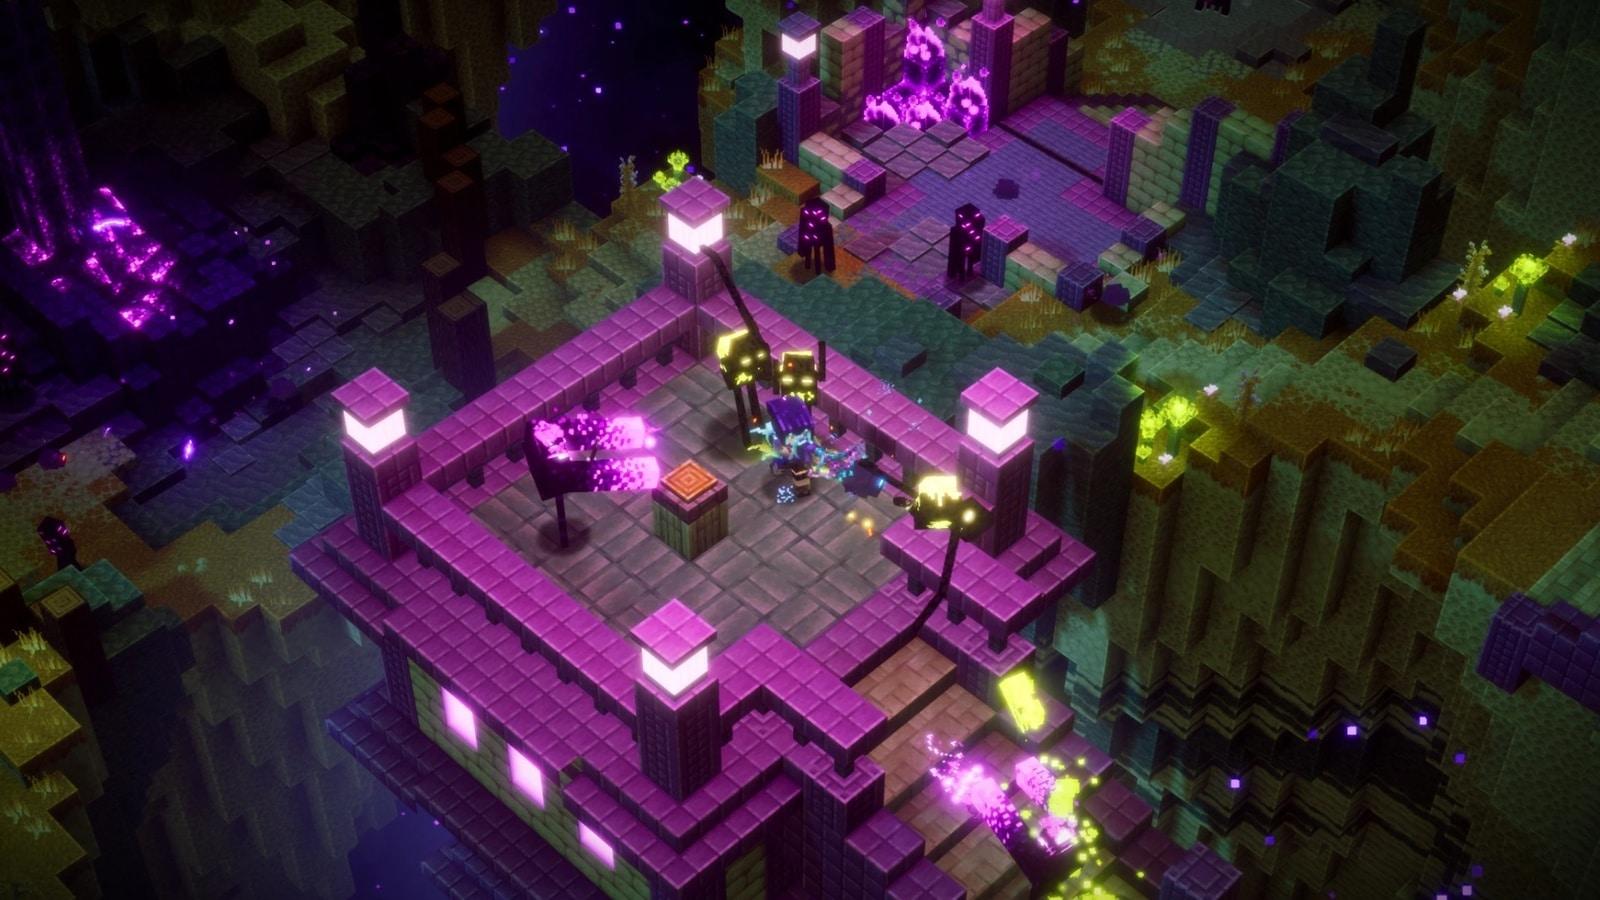 minecraft dungeons update 1.20